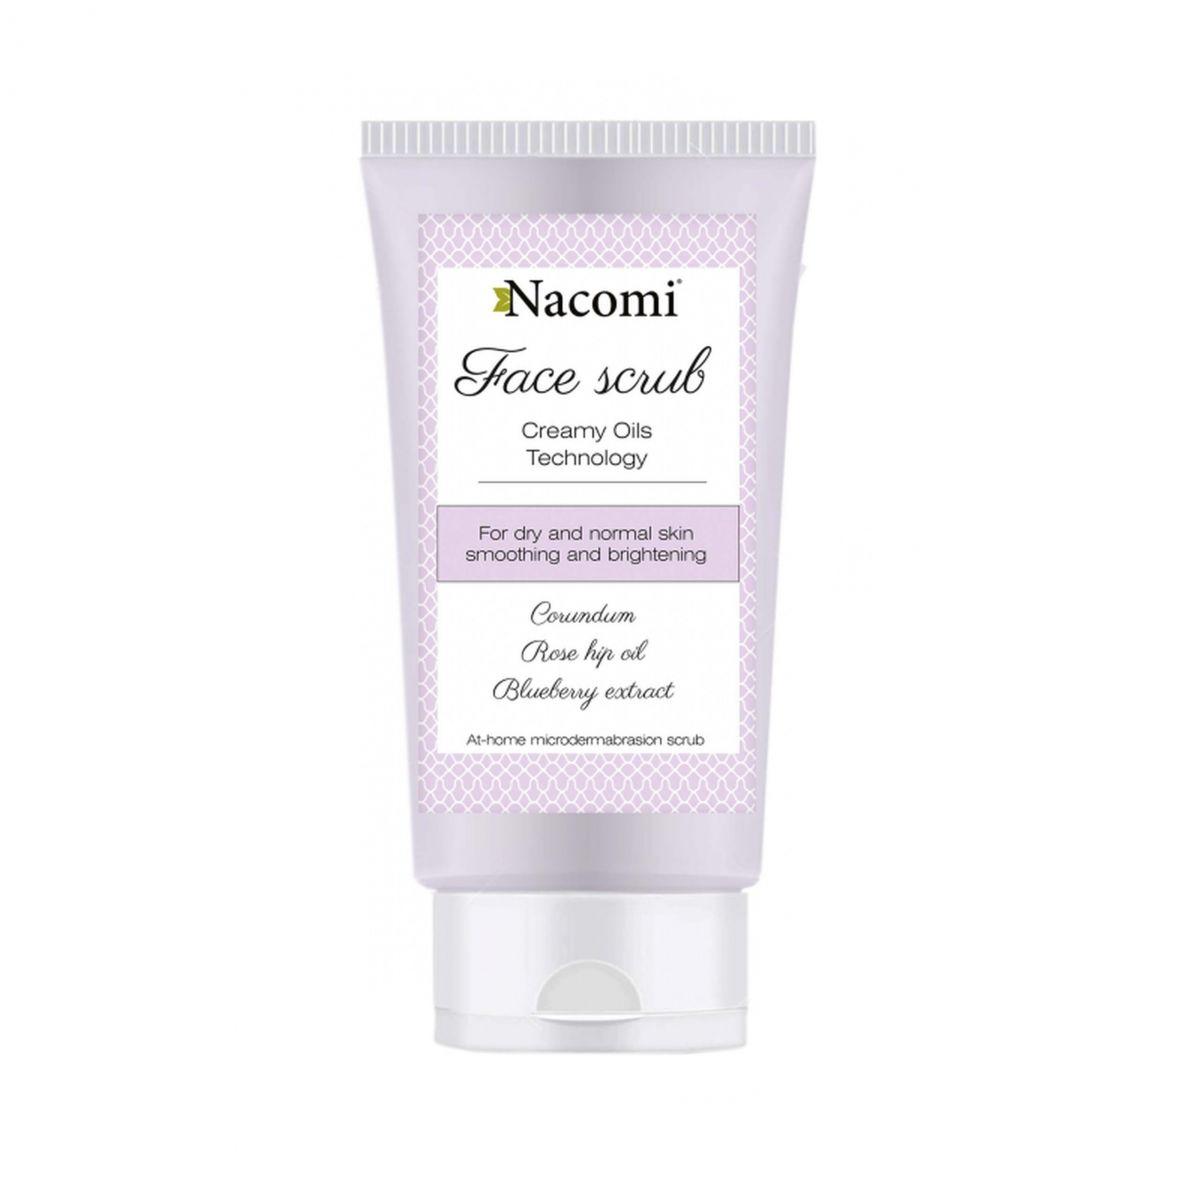 Wygładzający peeling do twarzy z korundem i olejem z dzikiej róży - 85ml - Nacomi